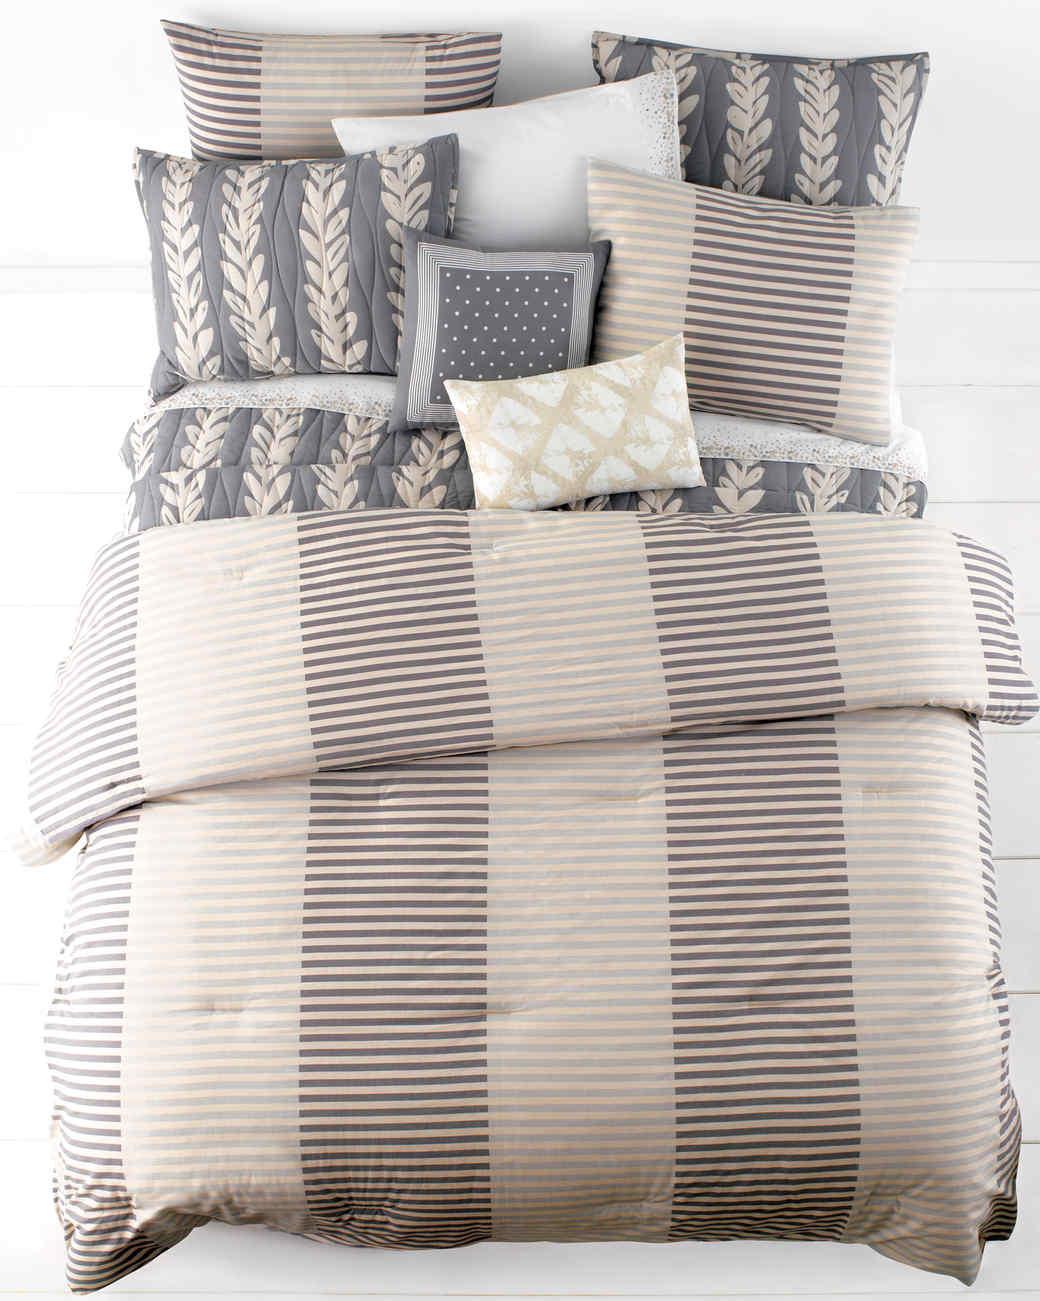 msmacys-whim-twotonestripe-comforter-packaging-mrkt-0115.jpg